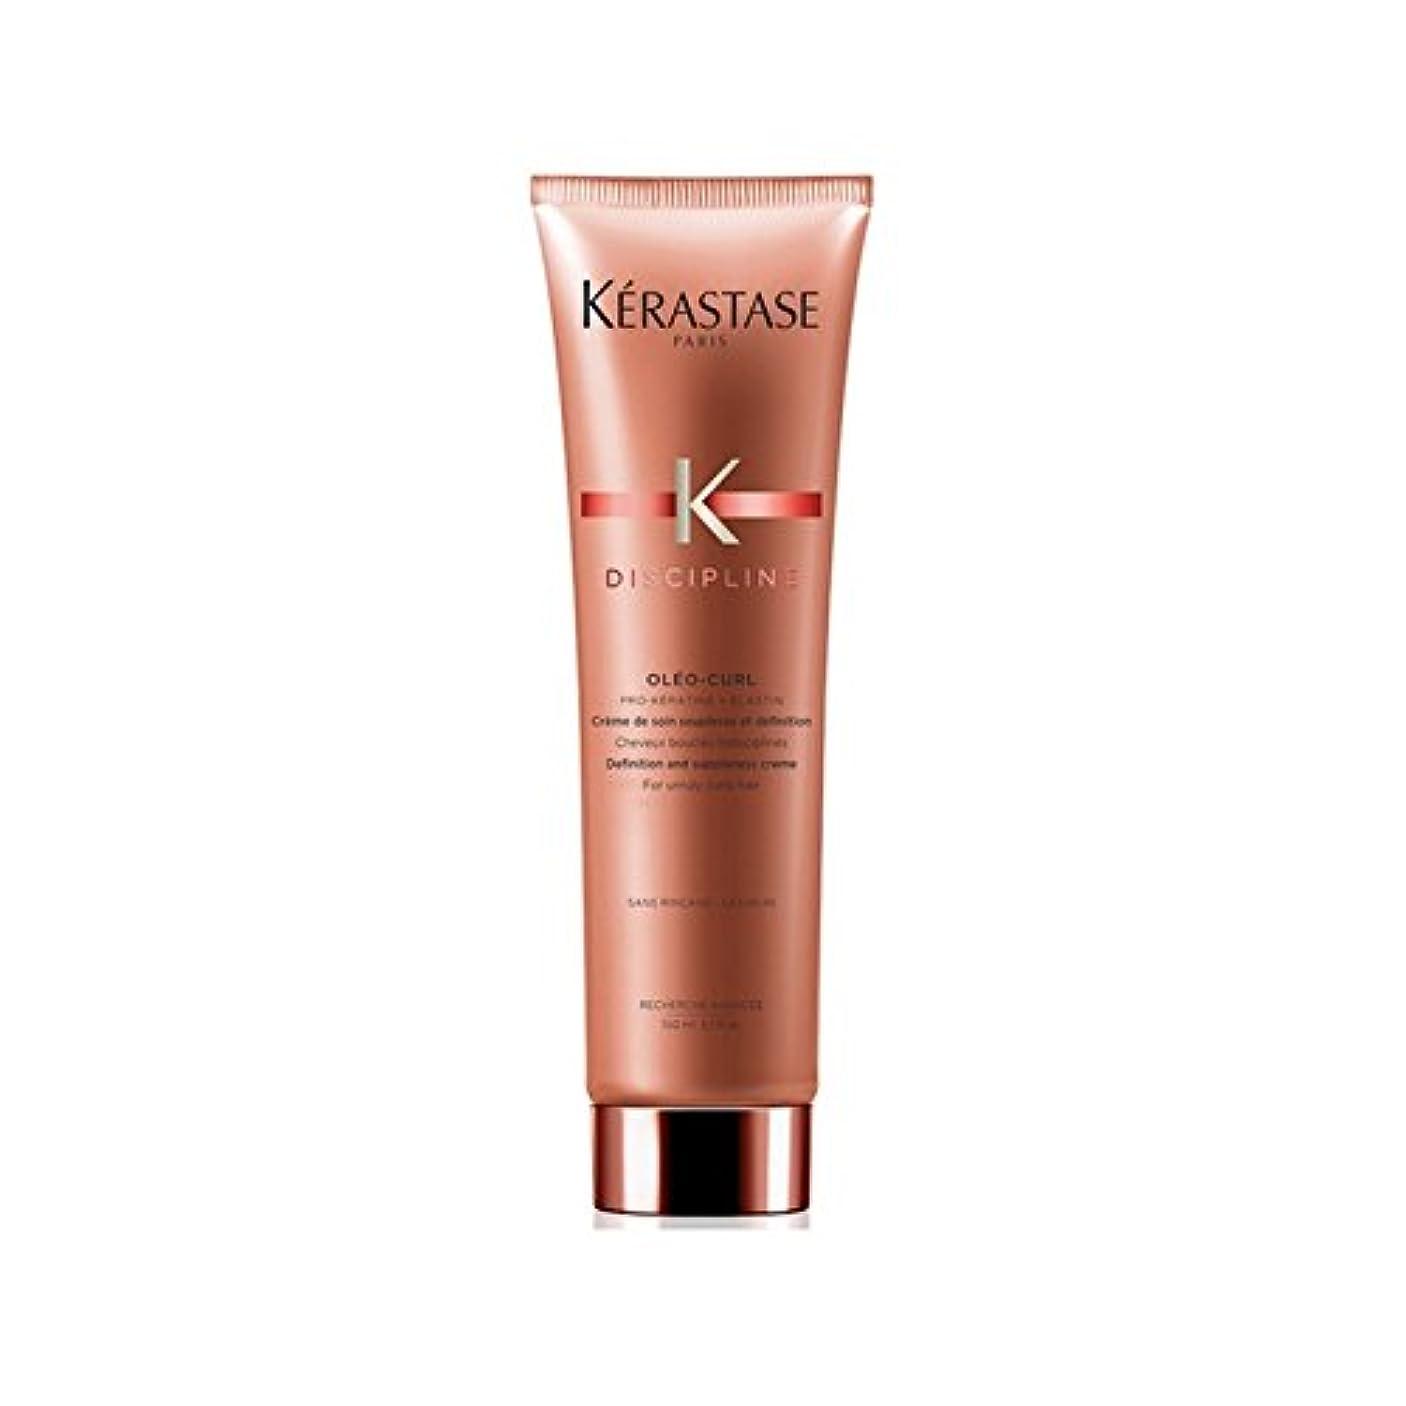 残酷な人工にぎやか理想的なクレンジングコンディショナー400ミリリットルカールケラスターゼの規律 x2 - K?rastase Discipline Curl Ideal Cleansing Conditioner 400ml (Pack...